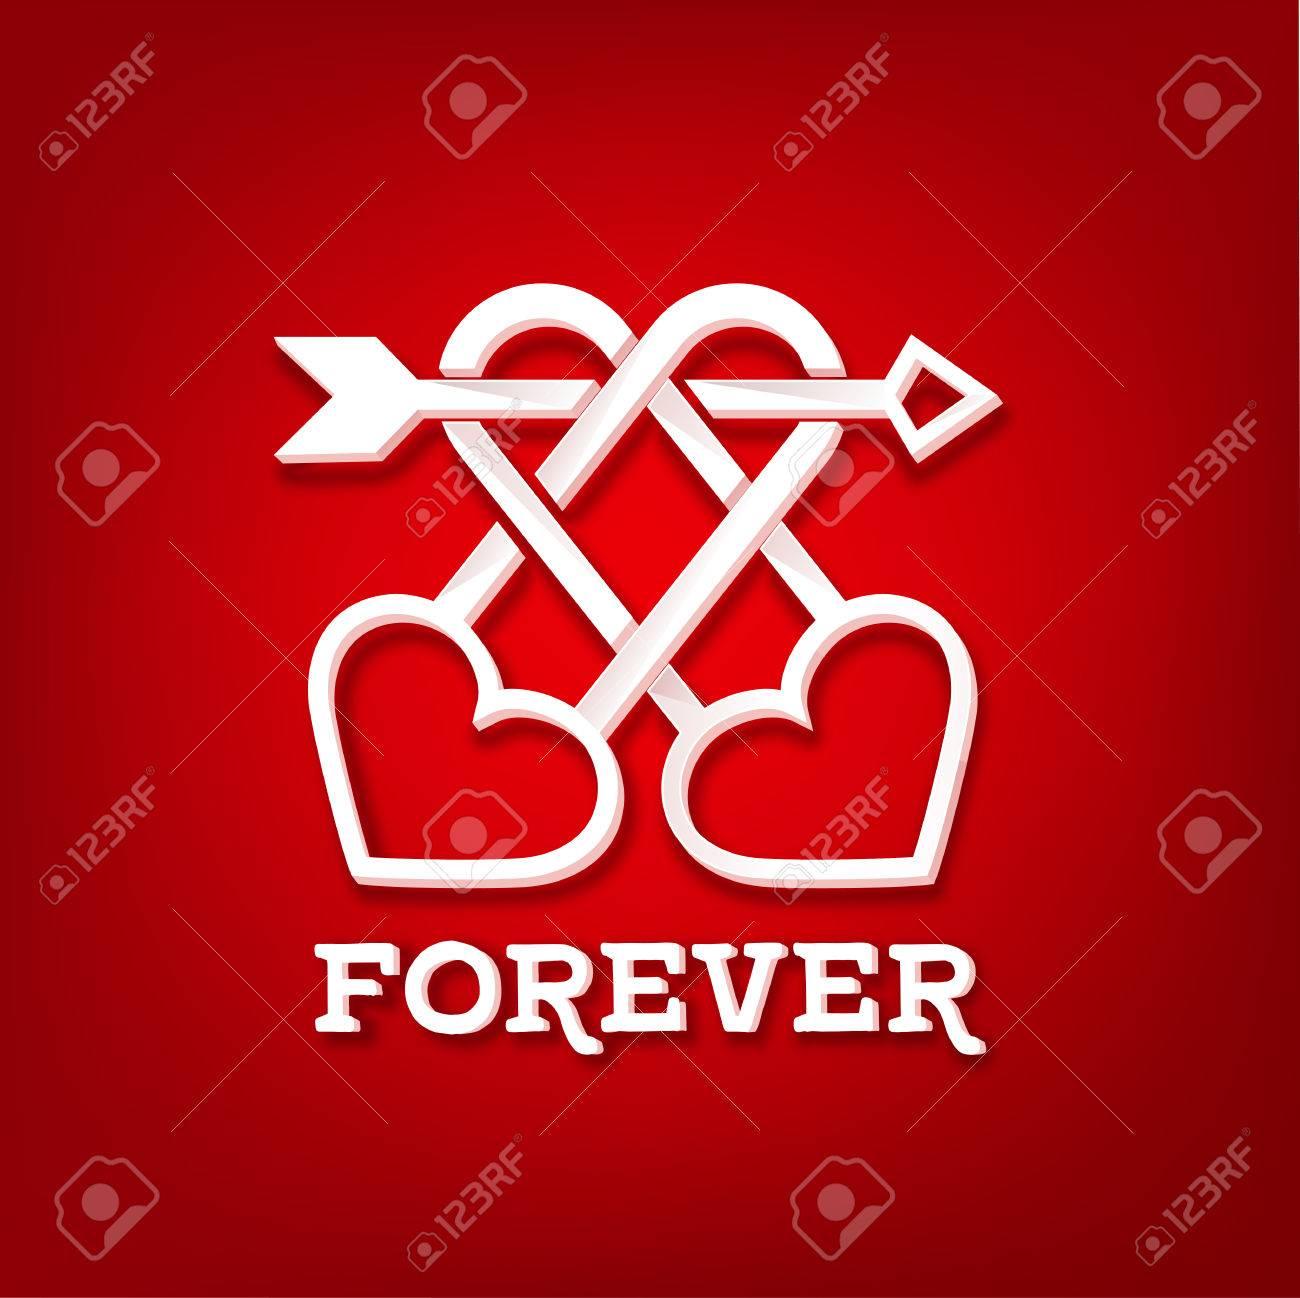 Starke Und Lange Ein Symbol Der Liebe Paar Schlosser Und Herzen